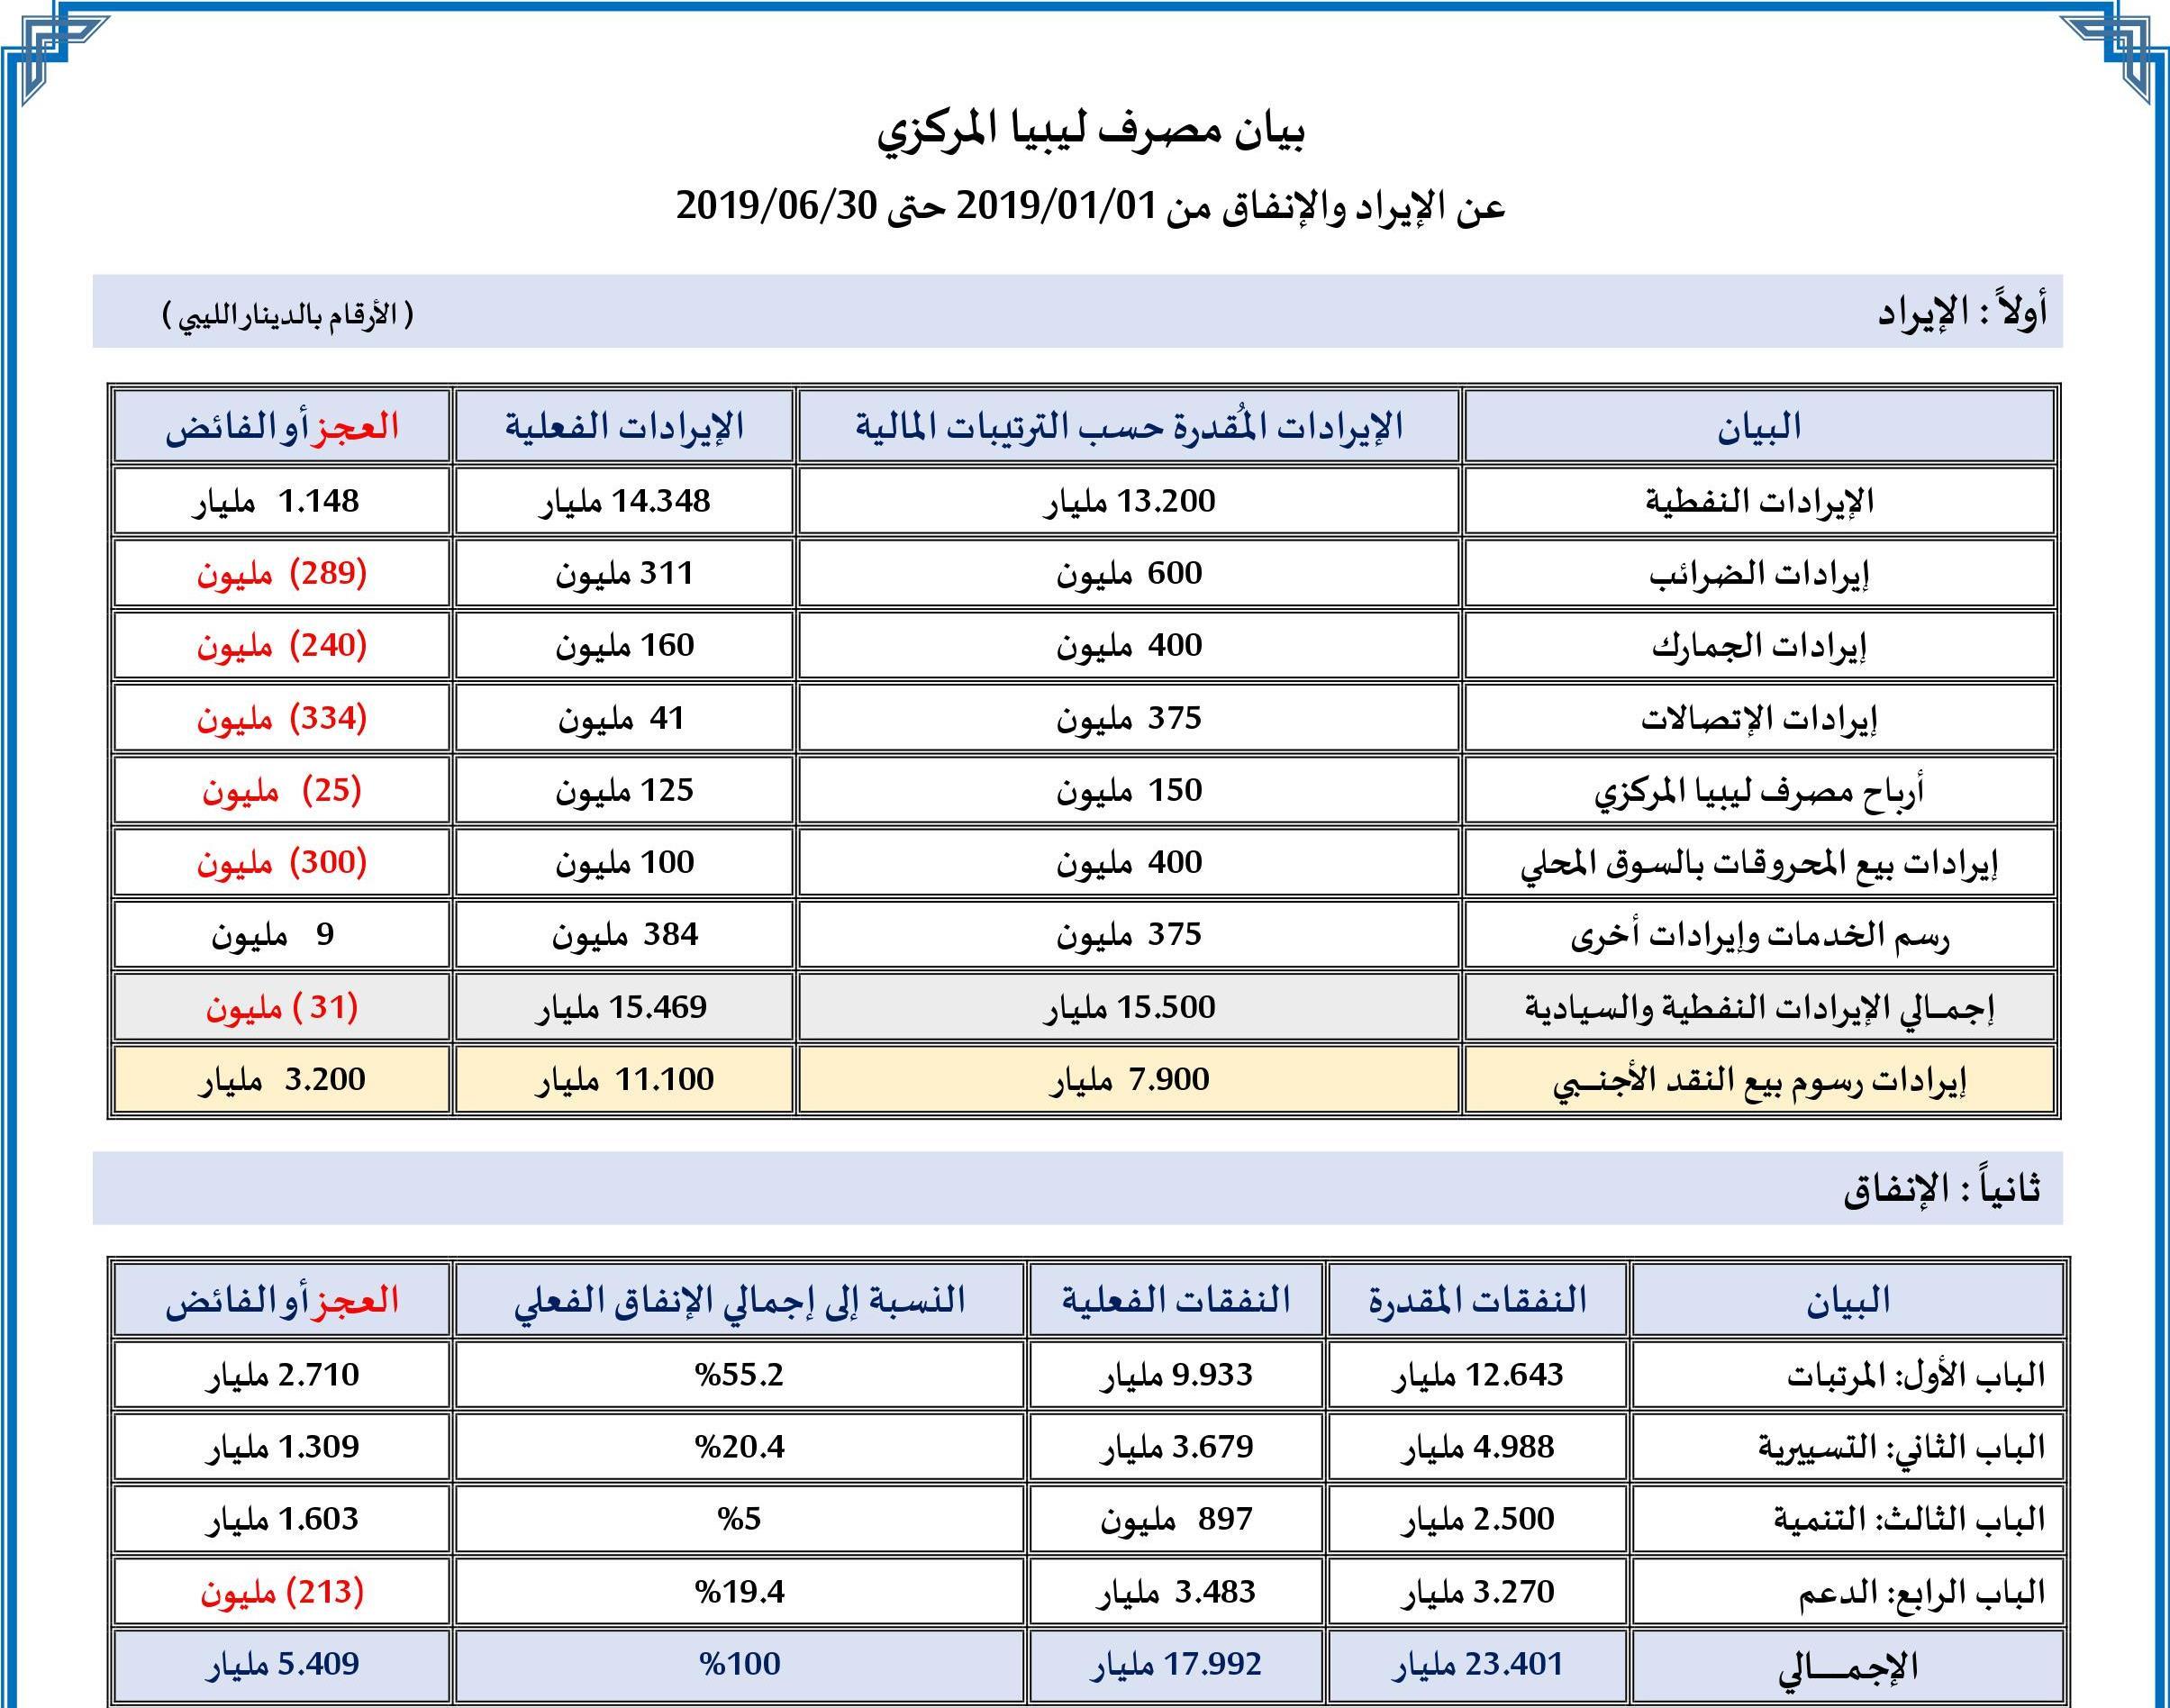 بيان مصرف ليبيا المركزي عن الإيراد والإنفاق خلال الفترة من 2019/01/01 حتى 2019/06/30